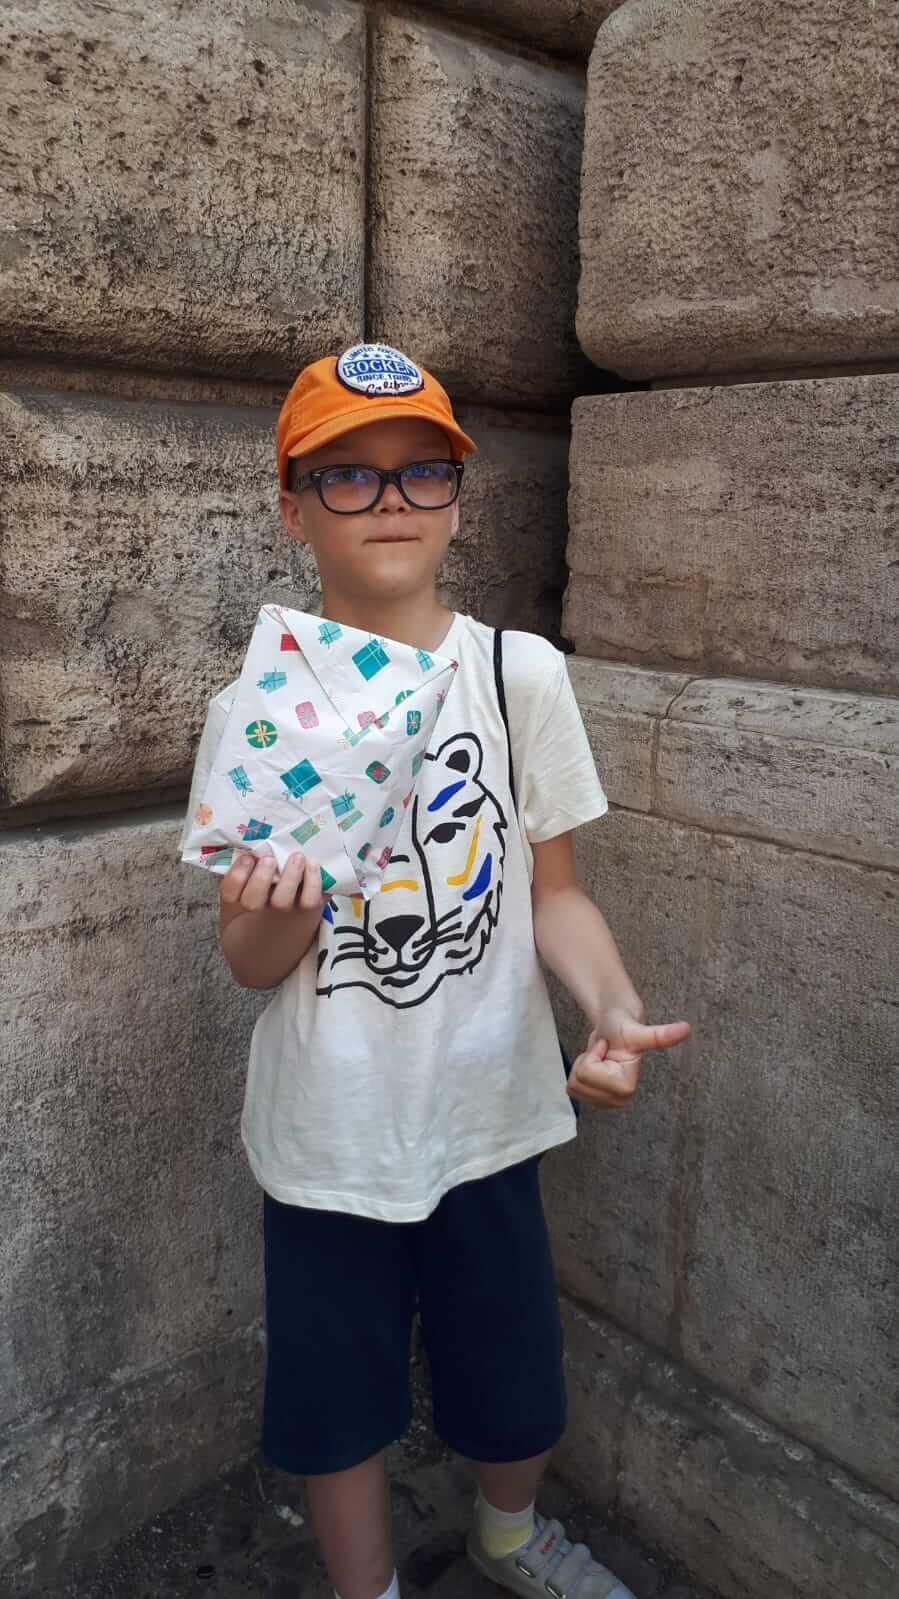 отзыв на детский квест в Риме Путешествие во времени